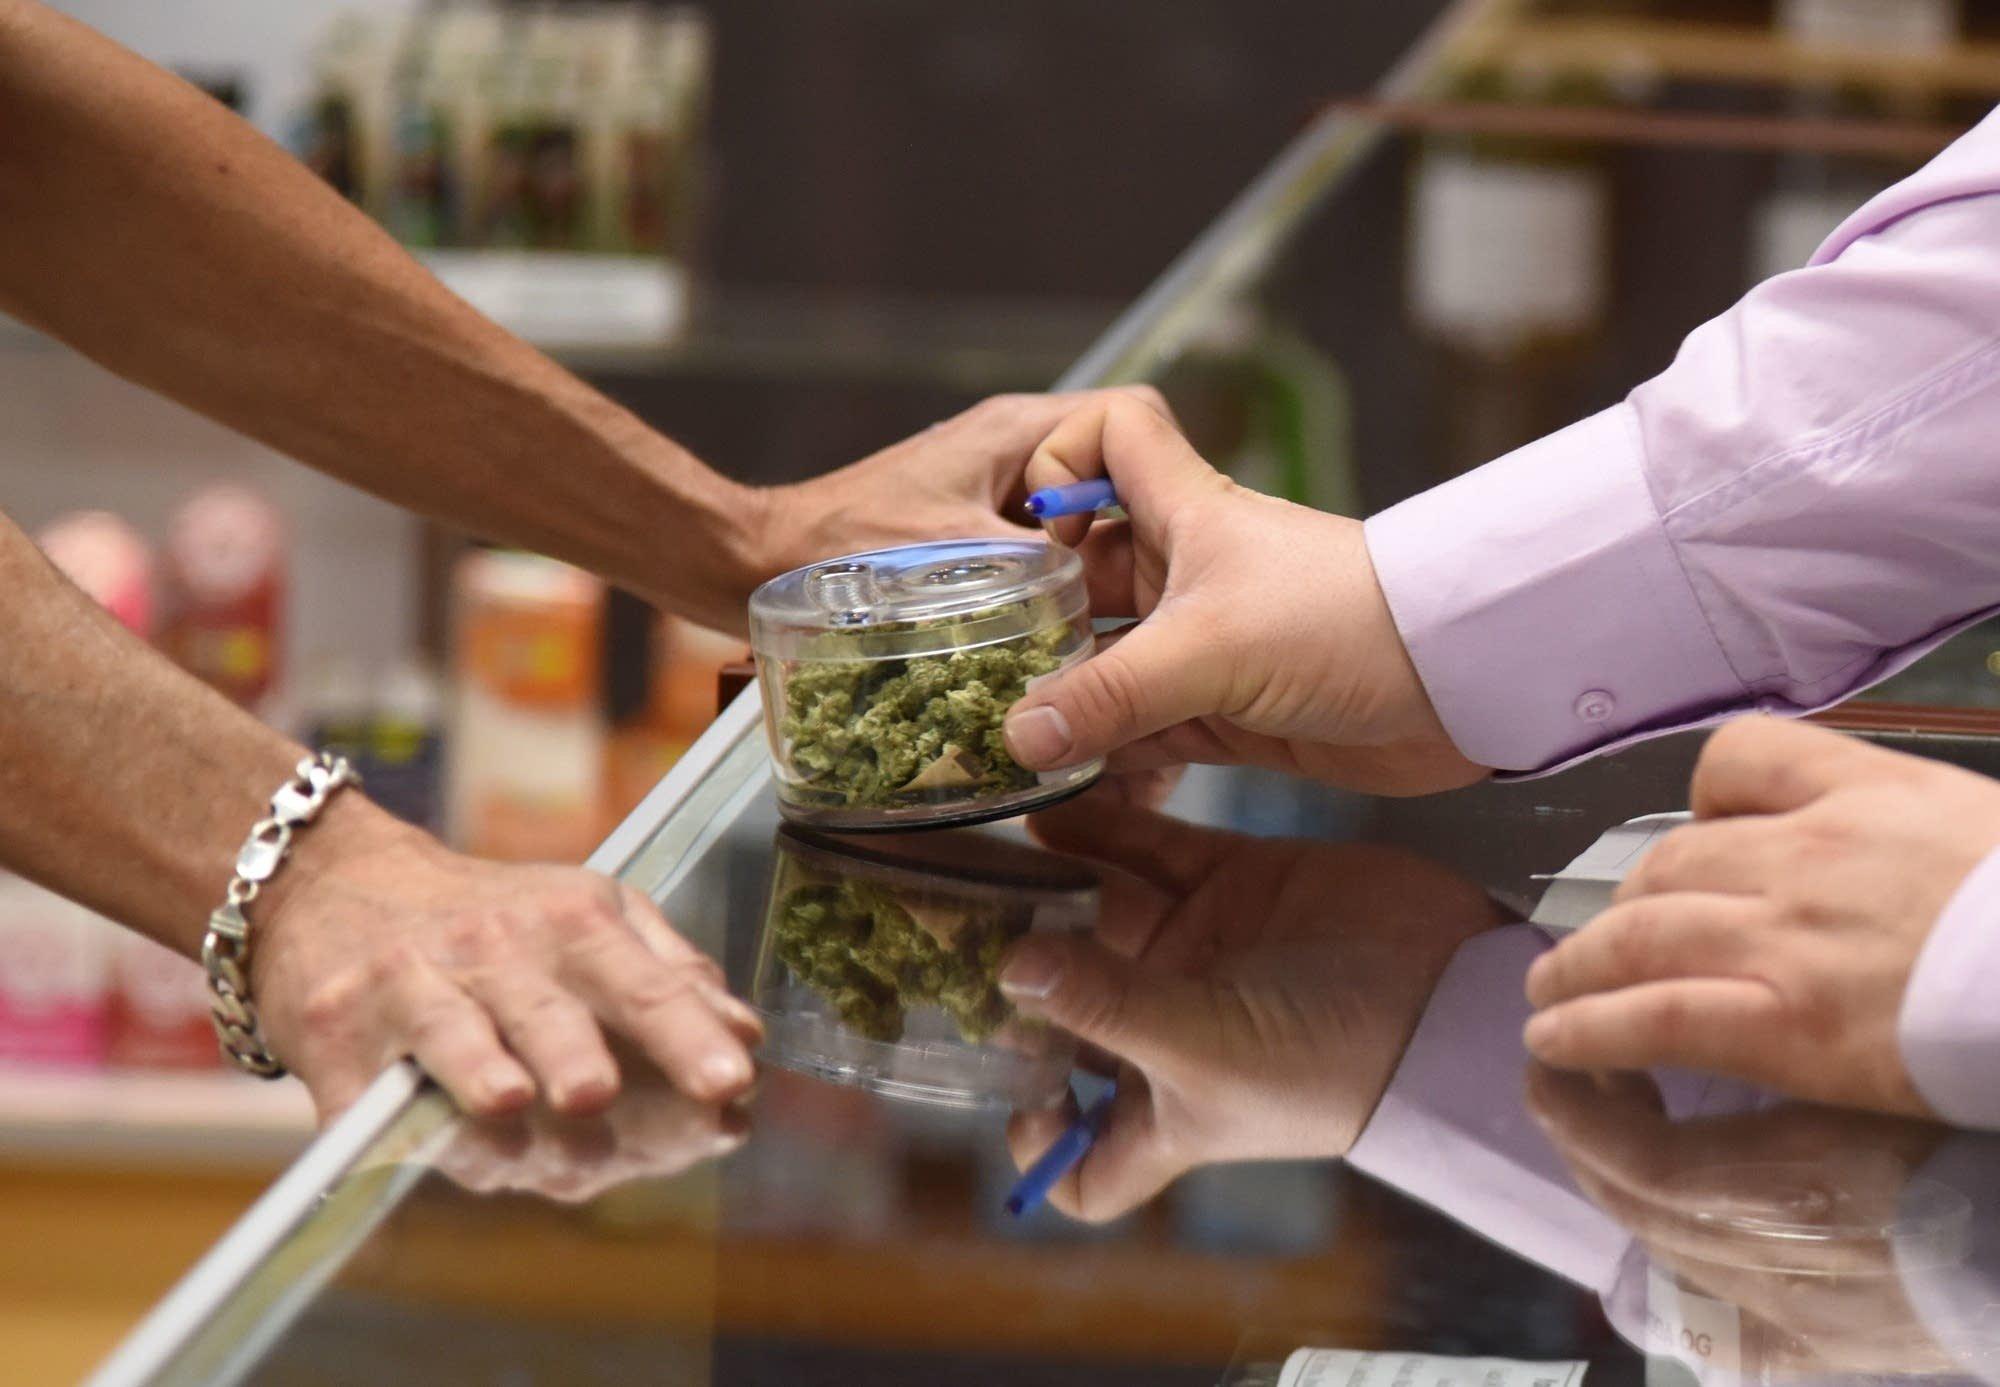 Senate committee torpedoes legal marijuana bill